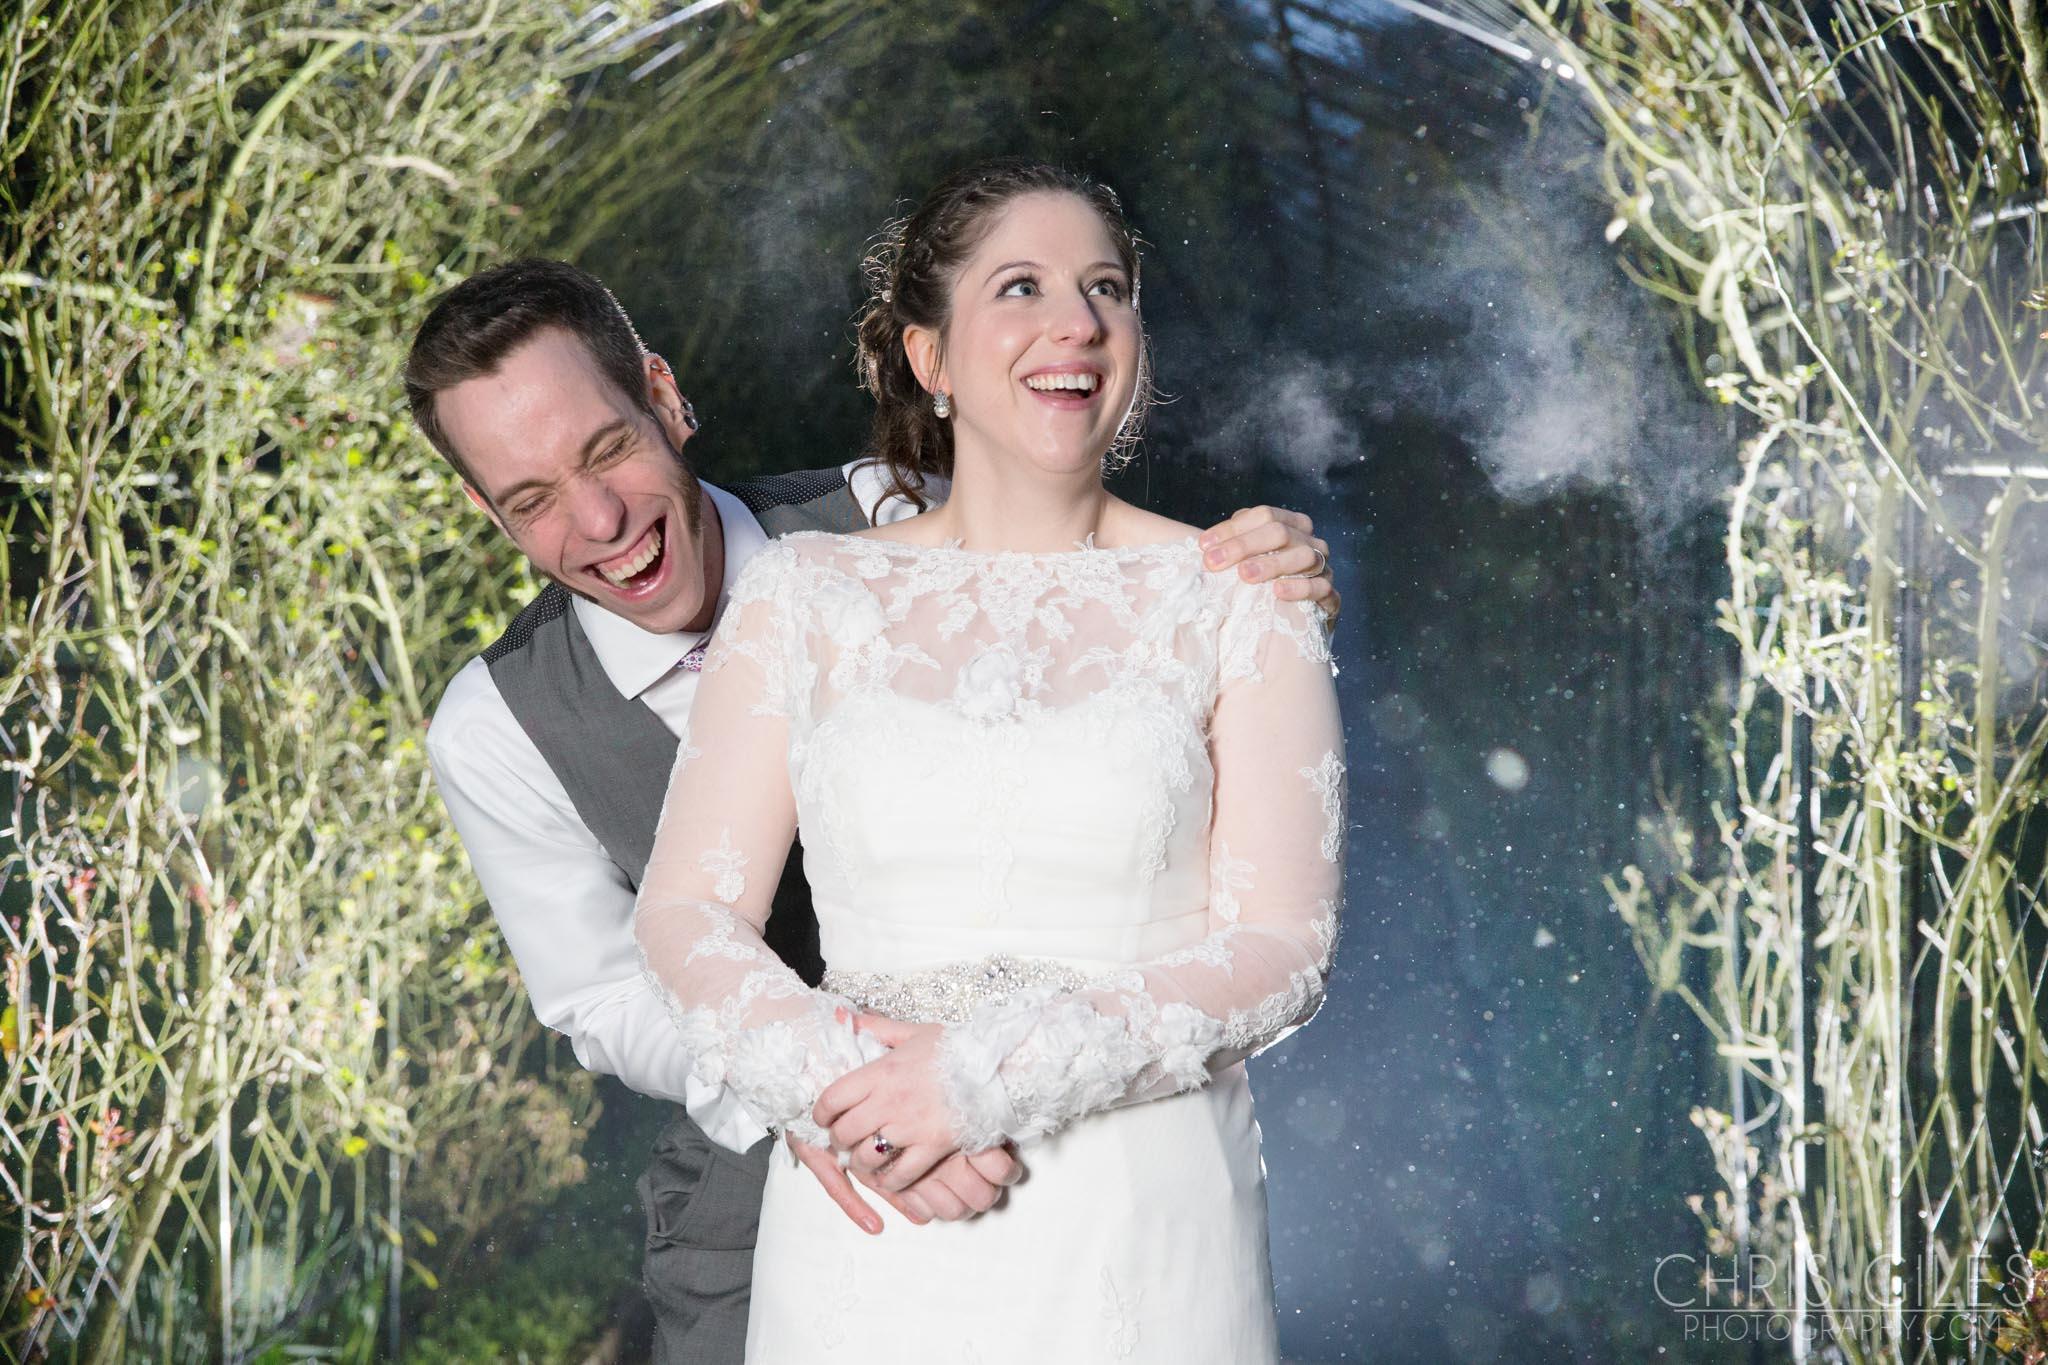 Nonsuch Mansion Winter Wedding